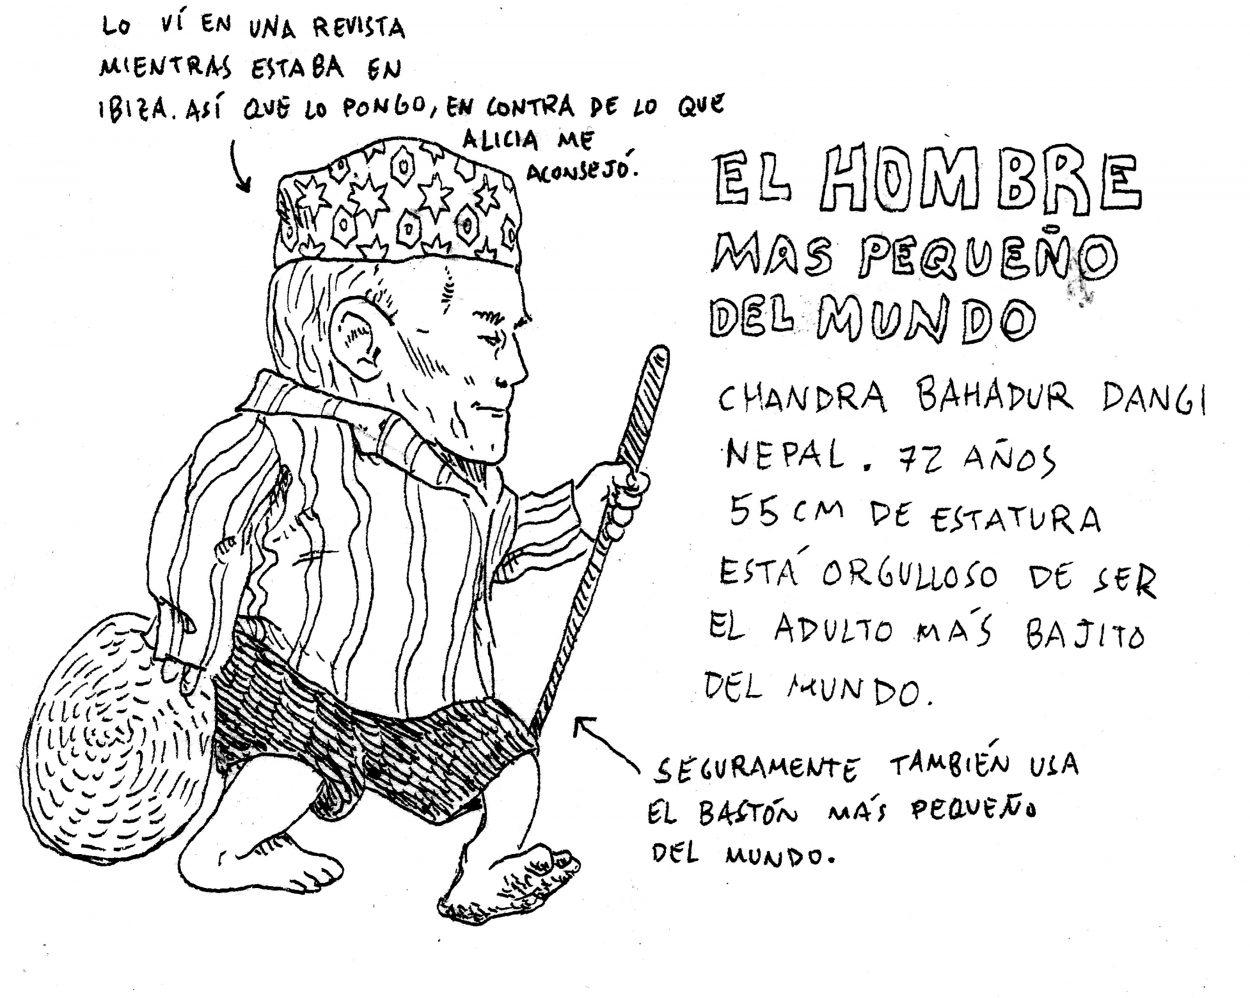 Dibujo en blanco y negro del hombre más pequeño del mundo